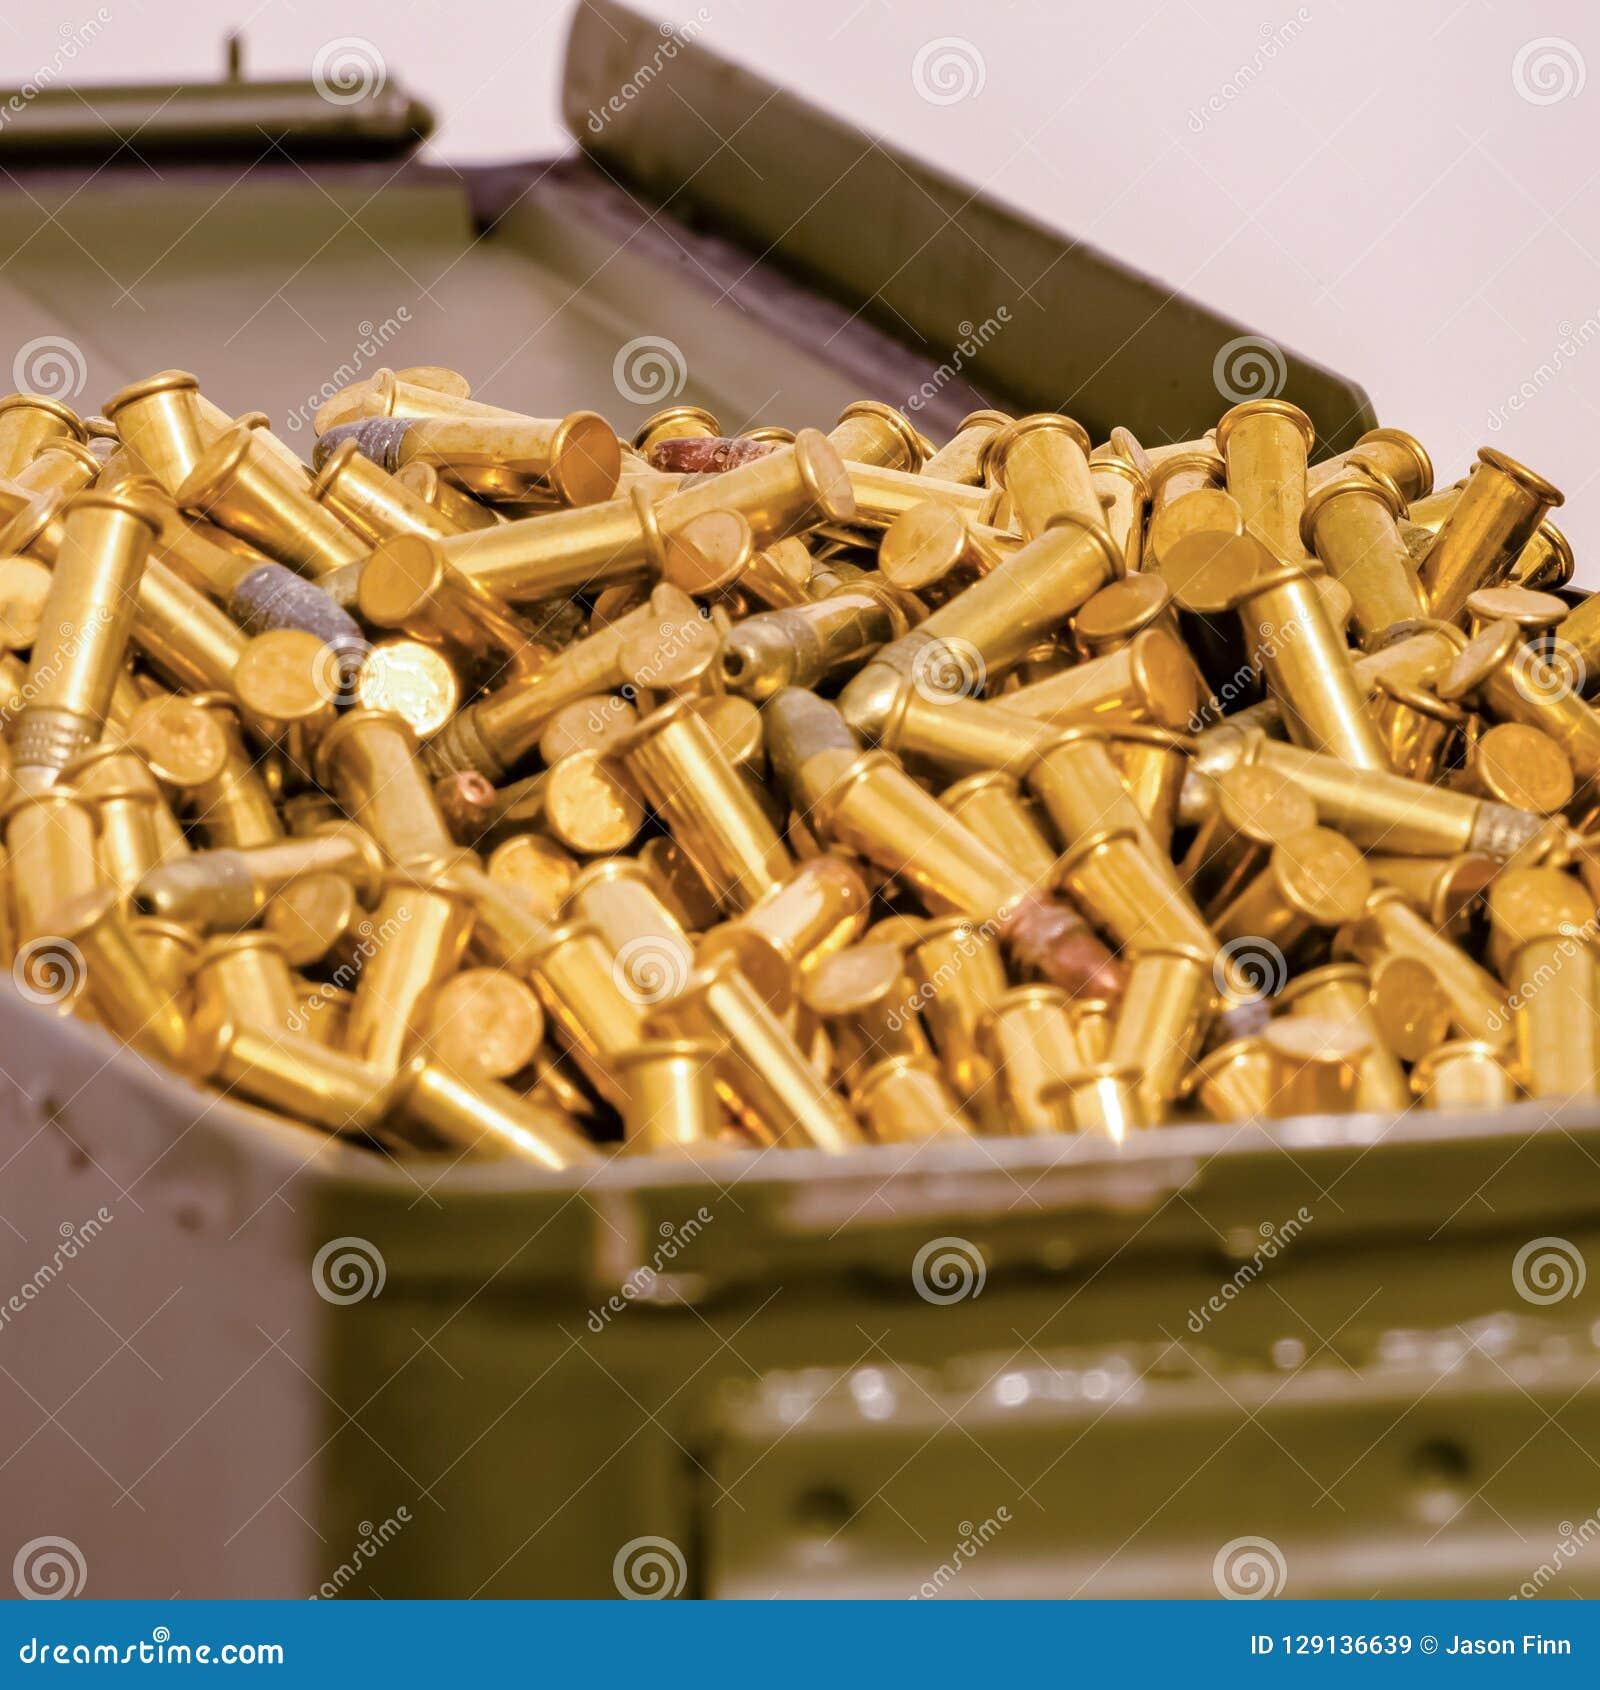 堆积与一些发光的弹药的金属容器